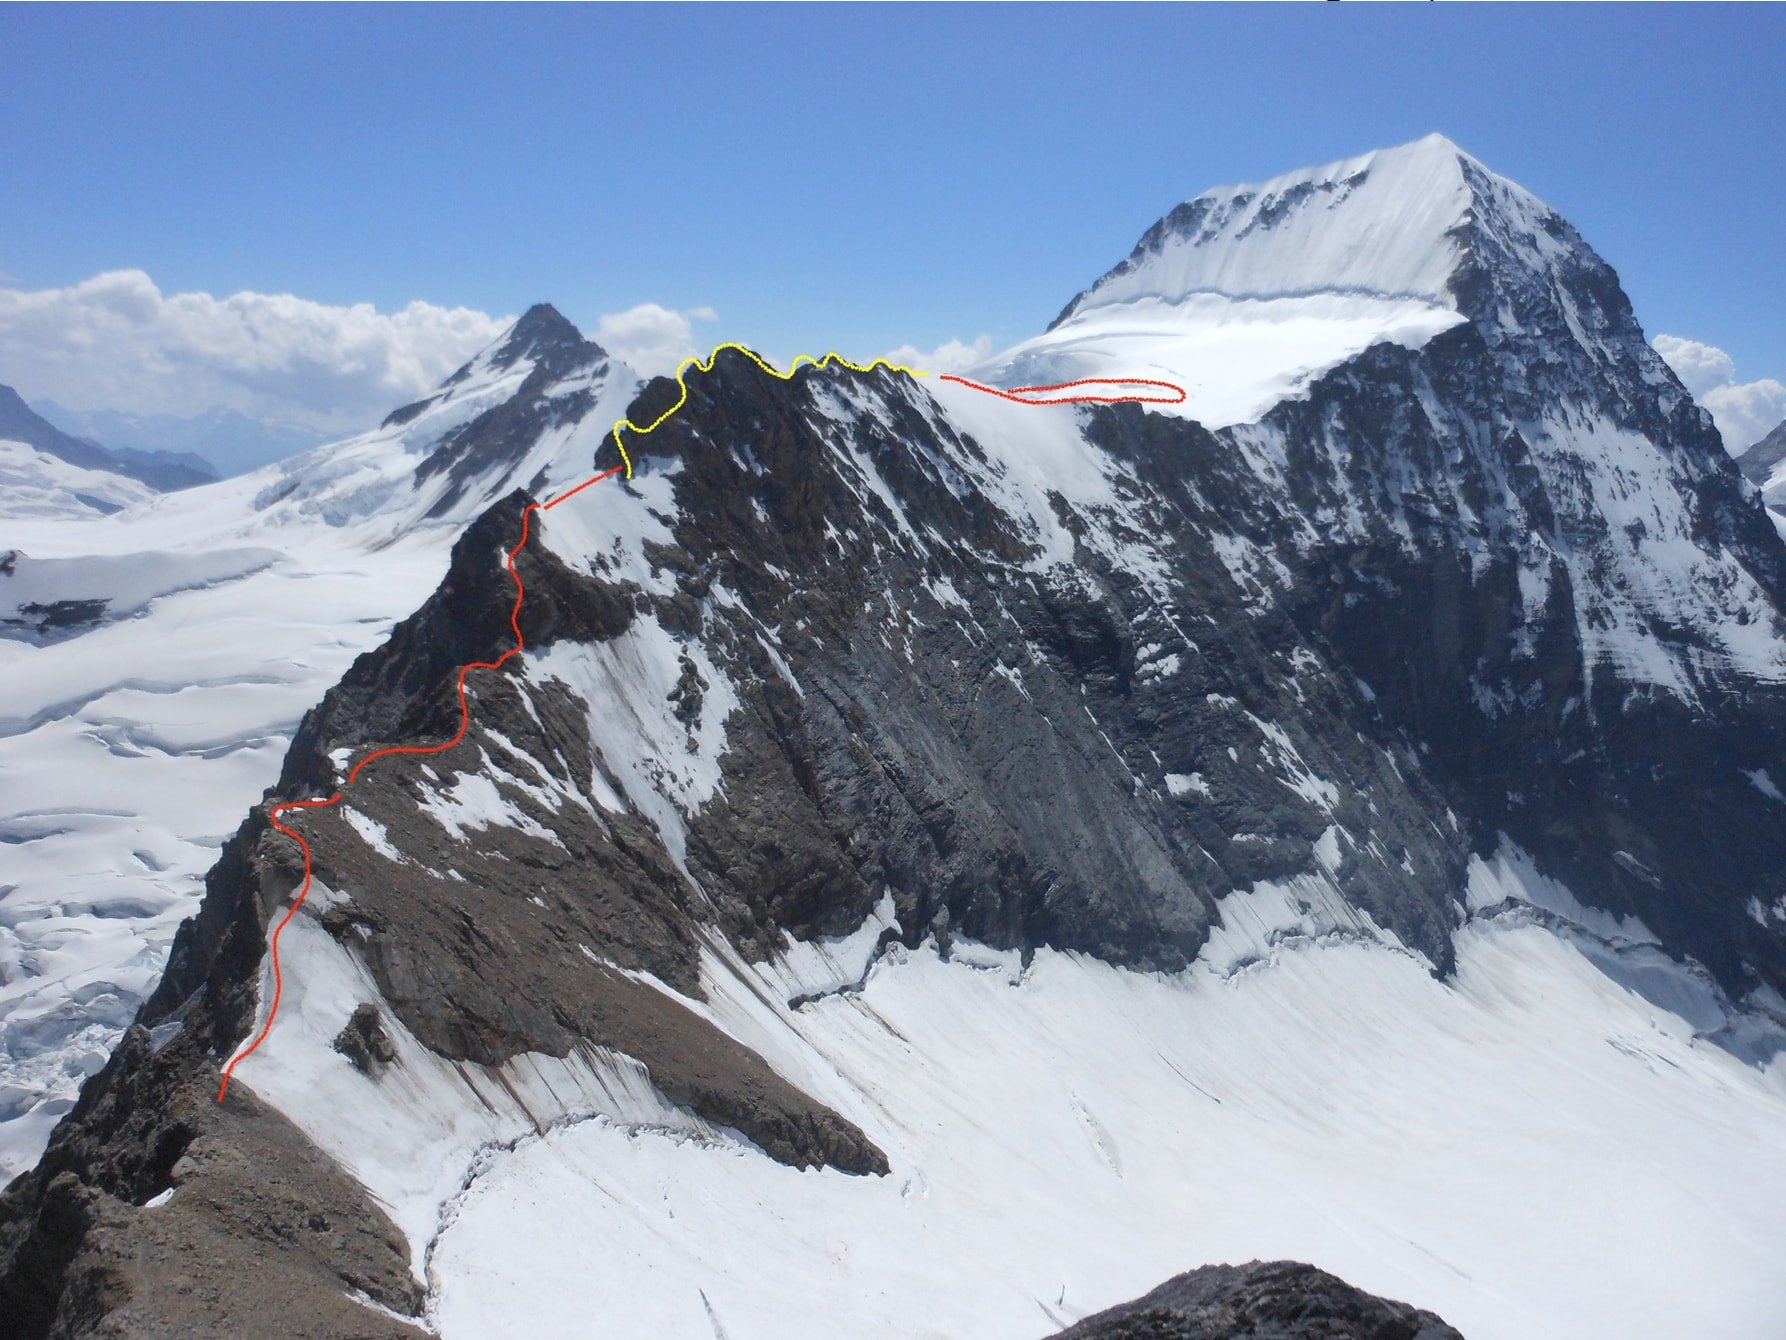 FOTO_20 Schema del percorso sulle creste di discesa. Sullo sfondo il Monch e il Jungfrau